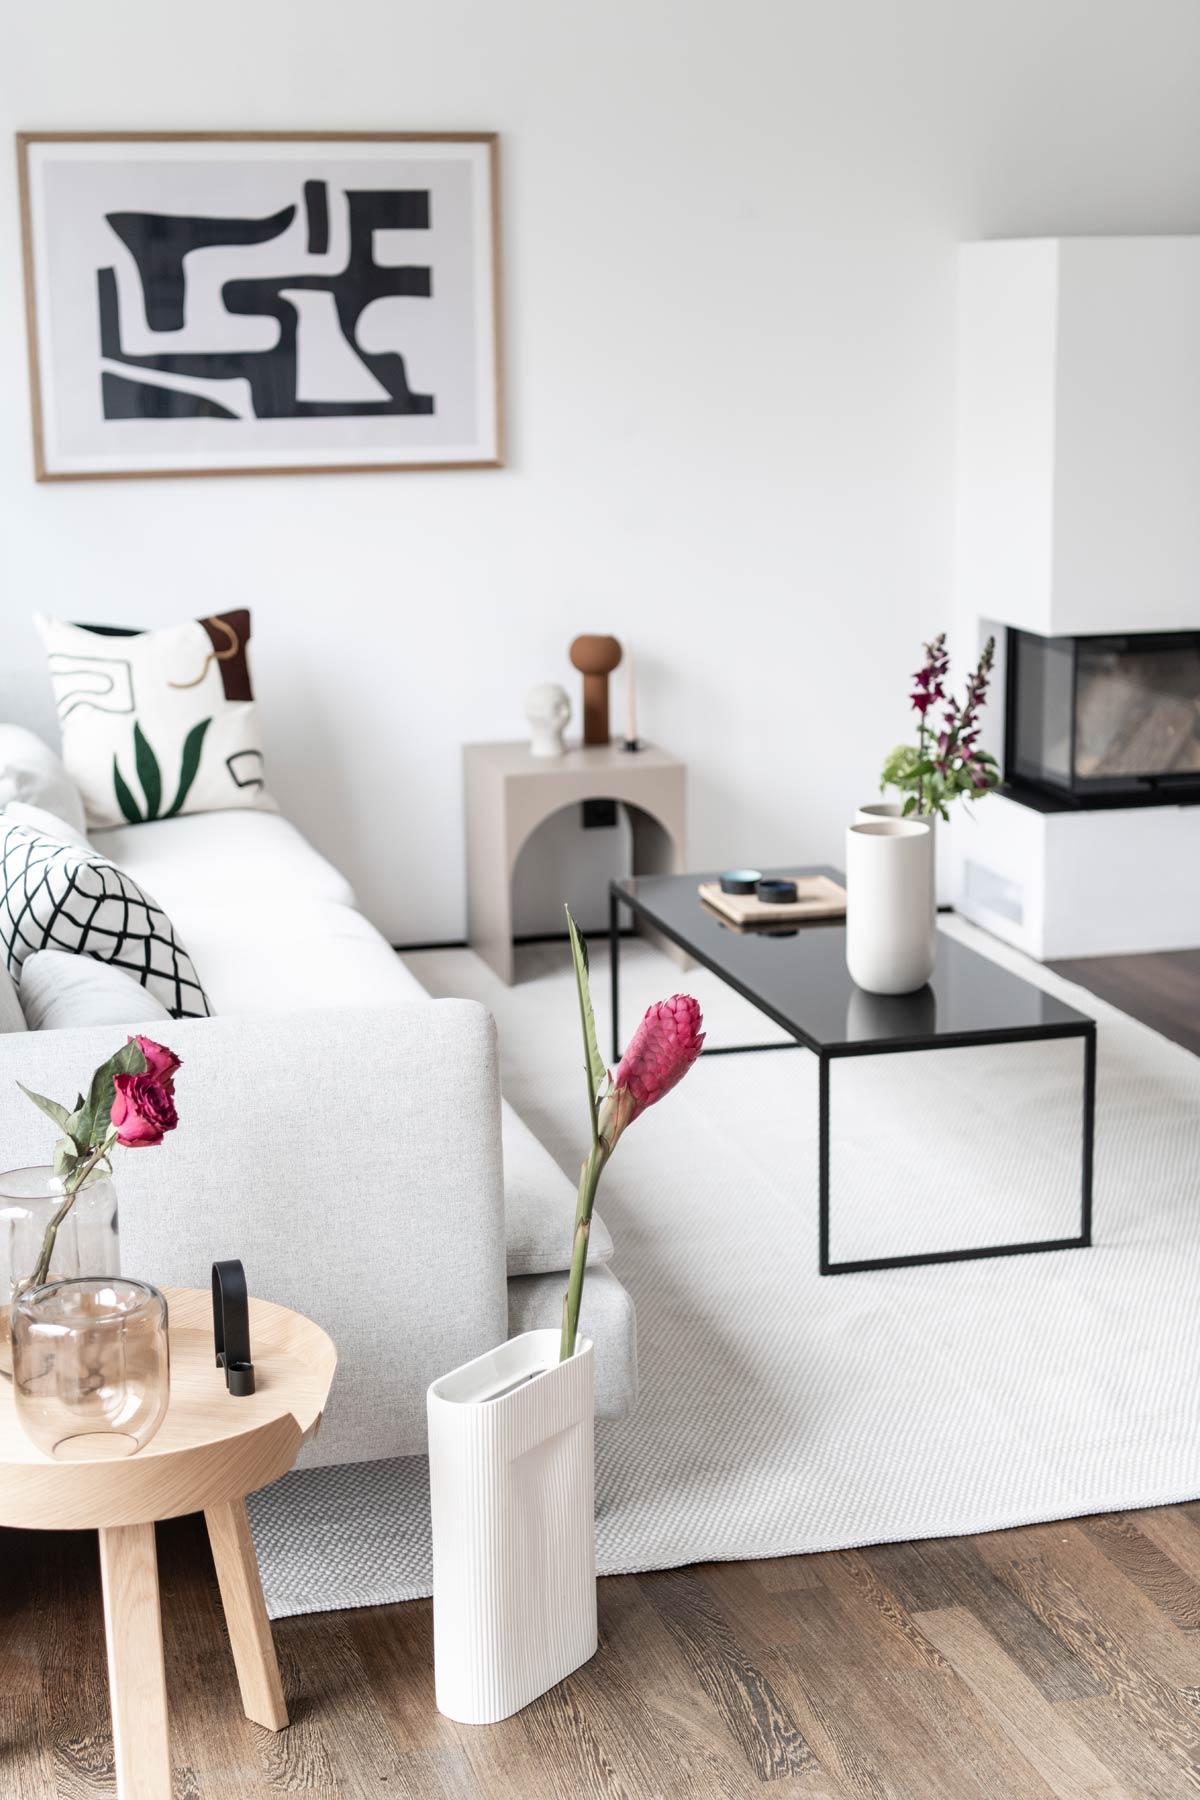 Wohnzimmer mit schwarzem Couchtisch